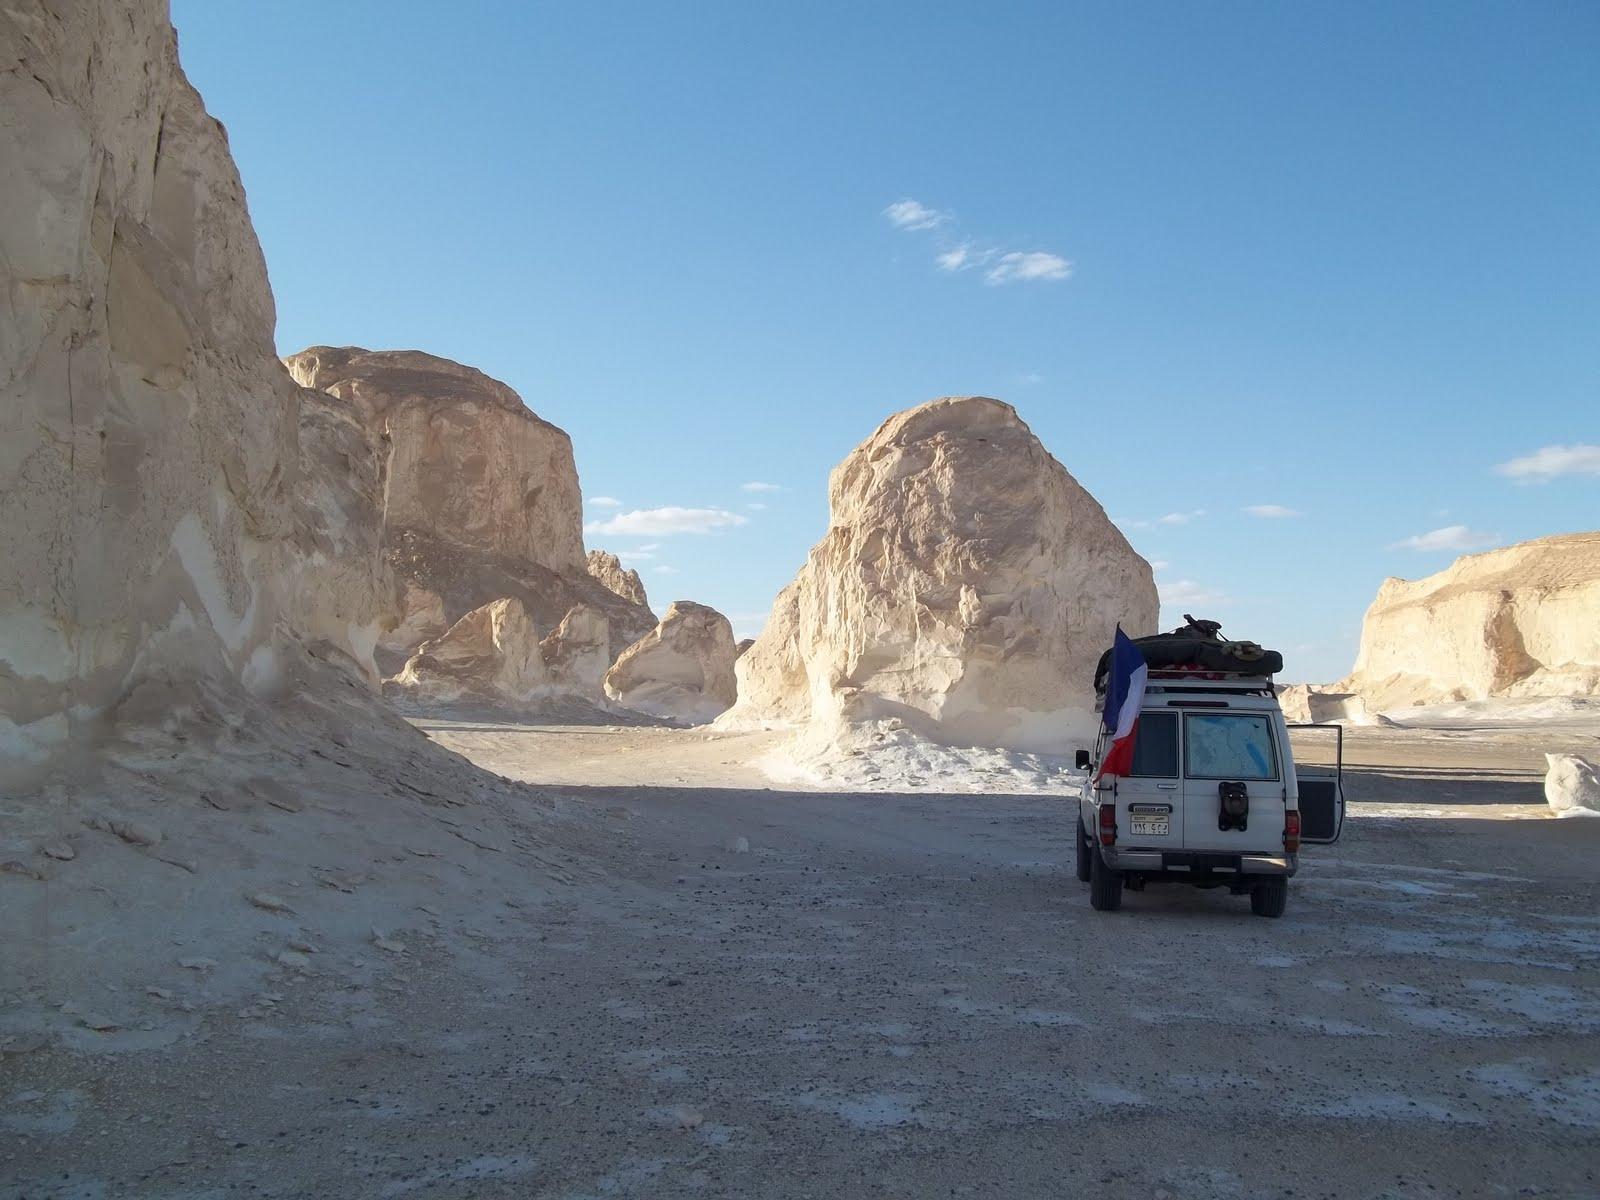 Voyage en Egypte en famille I Damien Constant & la famille Novembre 2009